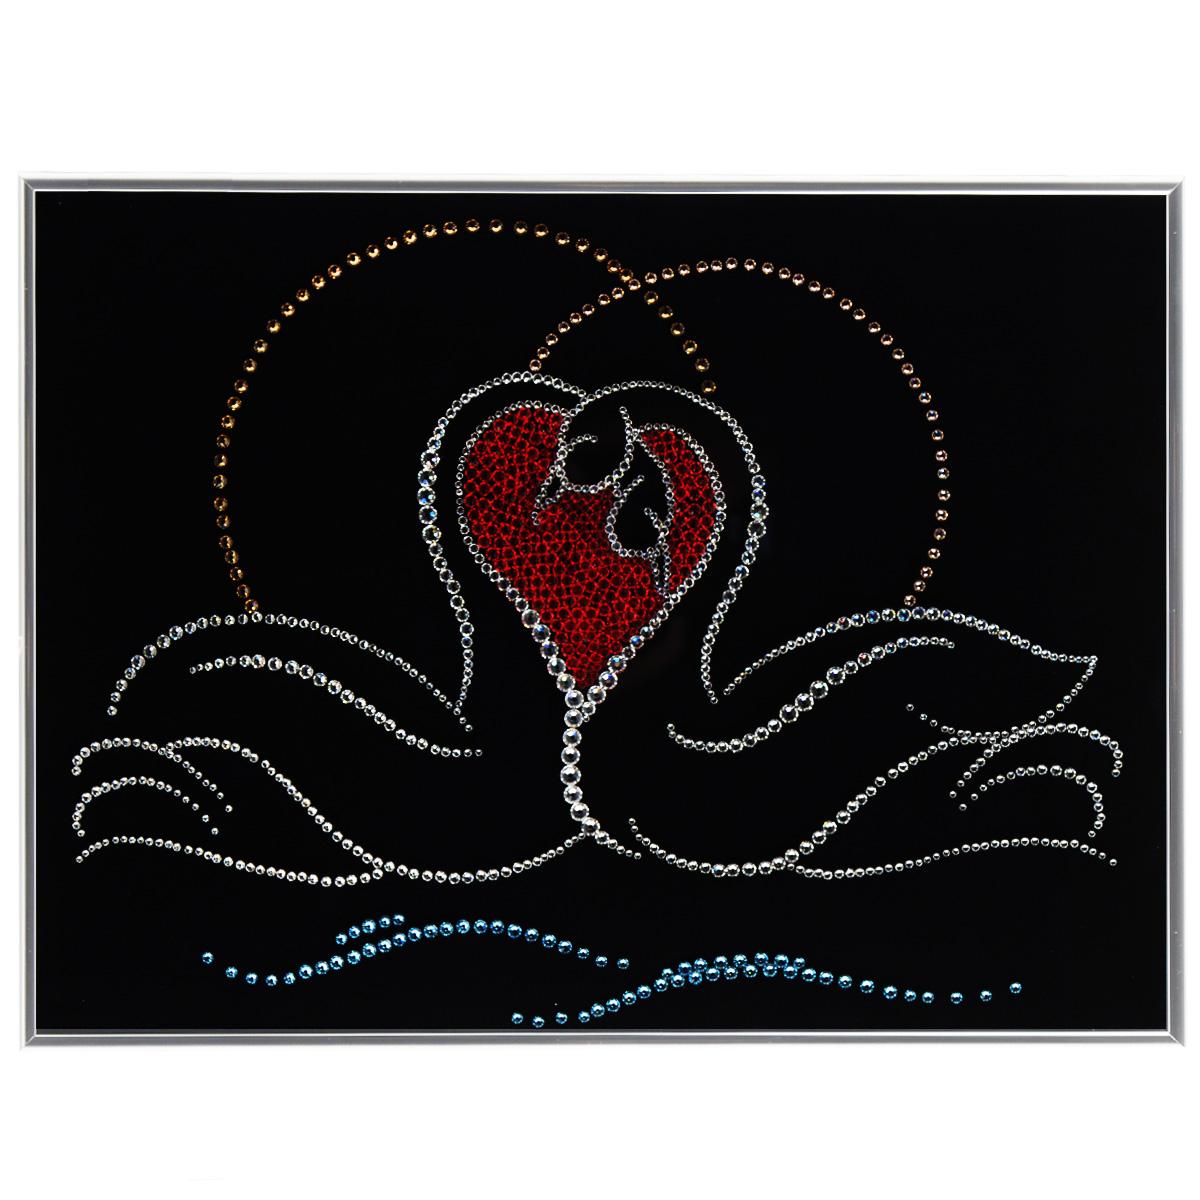 Картина с кристаллами Swarovski Лебединая верность, 40 см х 30 смPM-3006Изящная картина в металлической раме, инкрустирована кристаллами Swarovski в виде двух лебедей. Кристаллы Swarovski отличаются четкой и ровной огранкой, ярким блеском и чистотой цвета. Под стеклом картина оформлена бархатистой тканью, что прекрасно дополняет блеск кристаллов. С обратной стороны имеется металлическая петелька для размещения картины на стене. Картина с кристаллами Swarovski Лебединая верность элегантно украсит интерьер дома или офиса, а также станет прекрасным подарком, который обязательно понравится получателю. Блеск кристаллов в интерьере, что может быть сказочнее и удивительнее. Картина упакована в подарочную картонную коробку синего цвета и комплектуется сертификатом соответствия Swarovski.